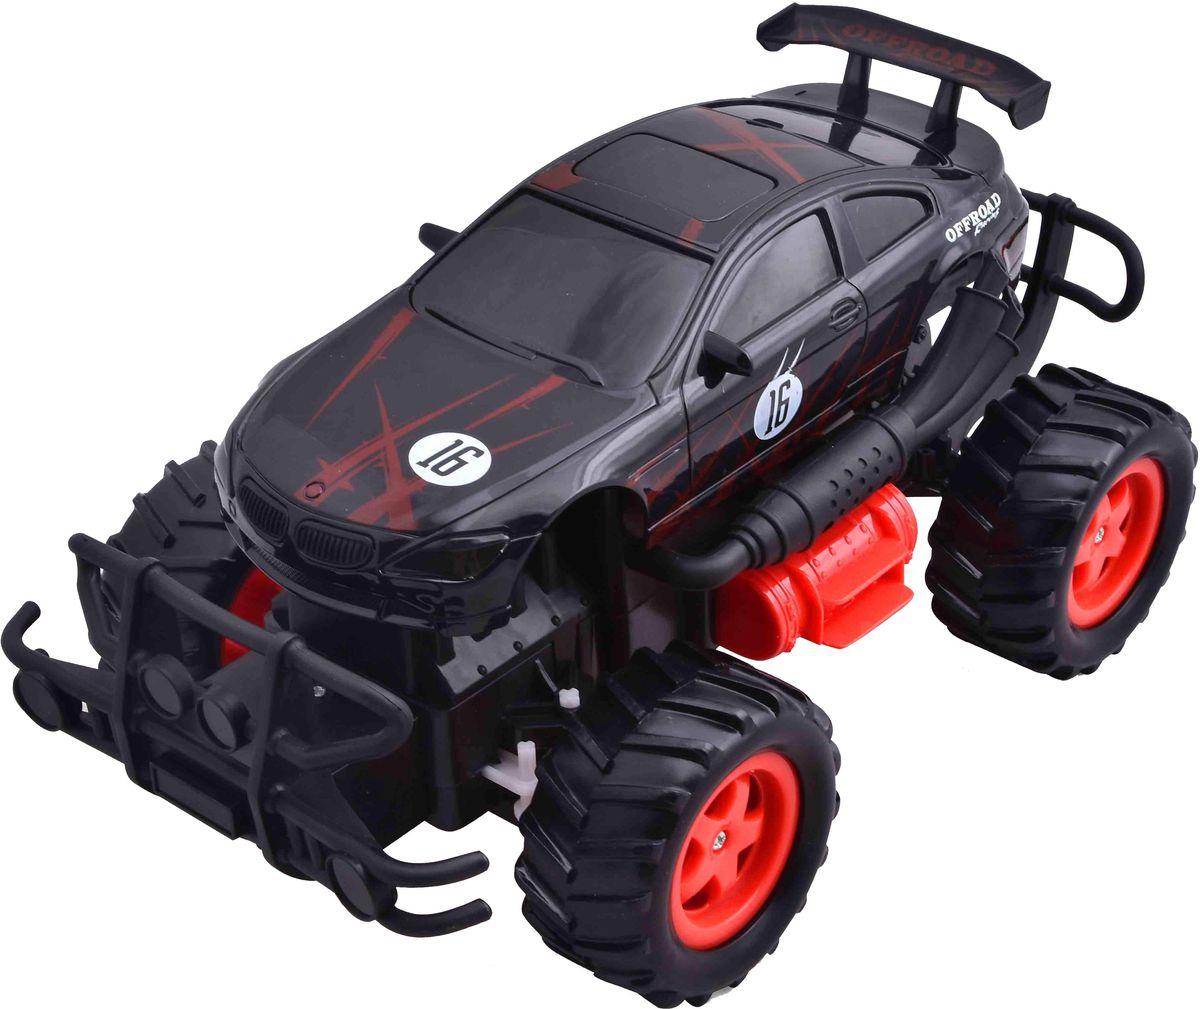 Pilotage Внедорожник на радиоуправлении OffRoader цвет черный - Радиоуправляемые игрушки